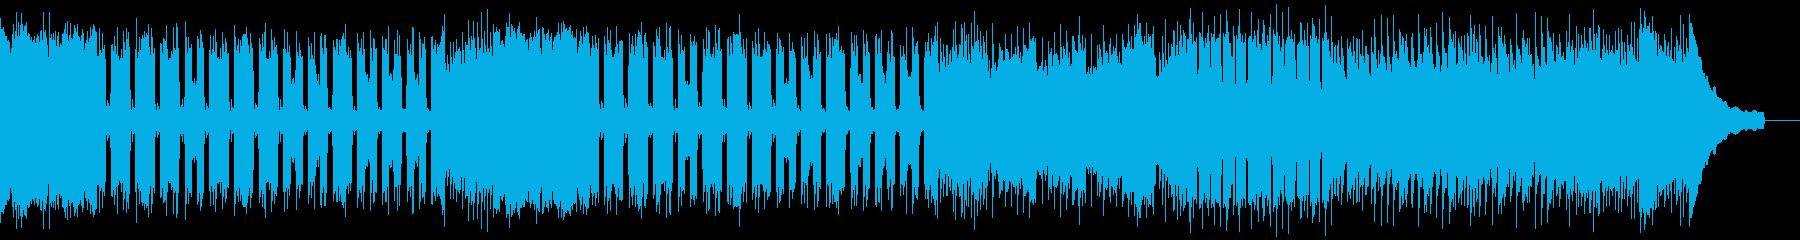 カントリー風ロックギター01Cの再生済みの波形